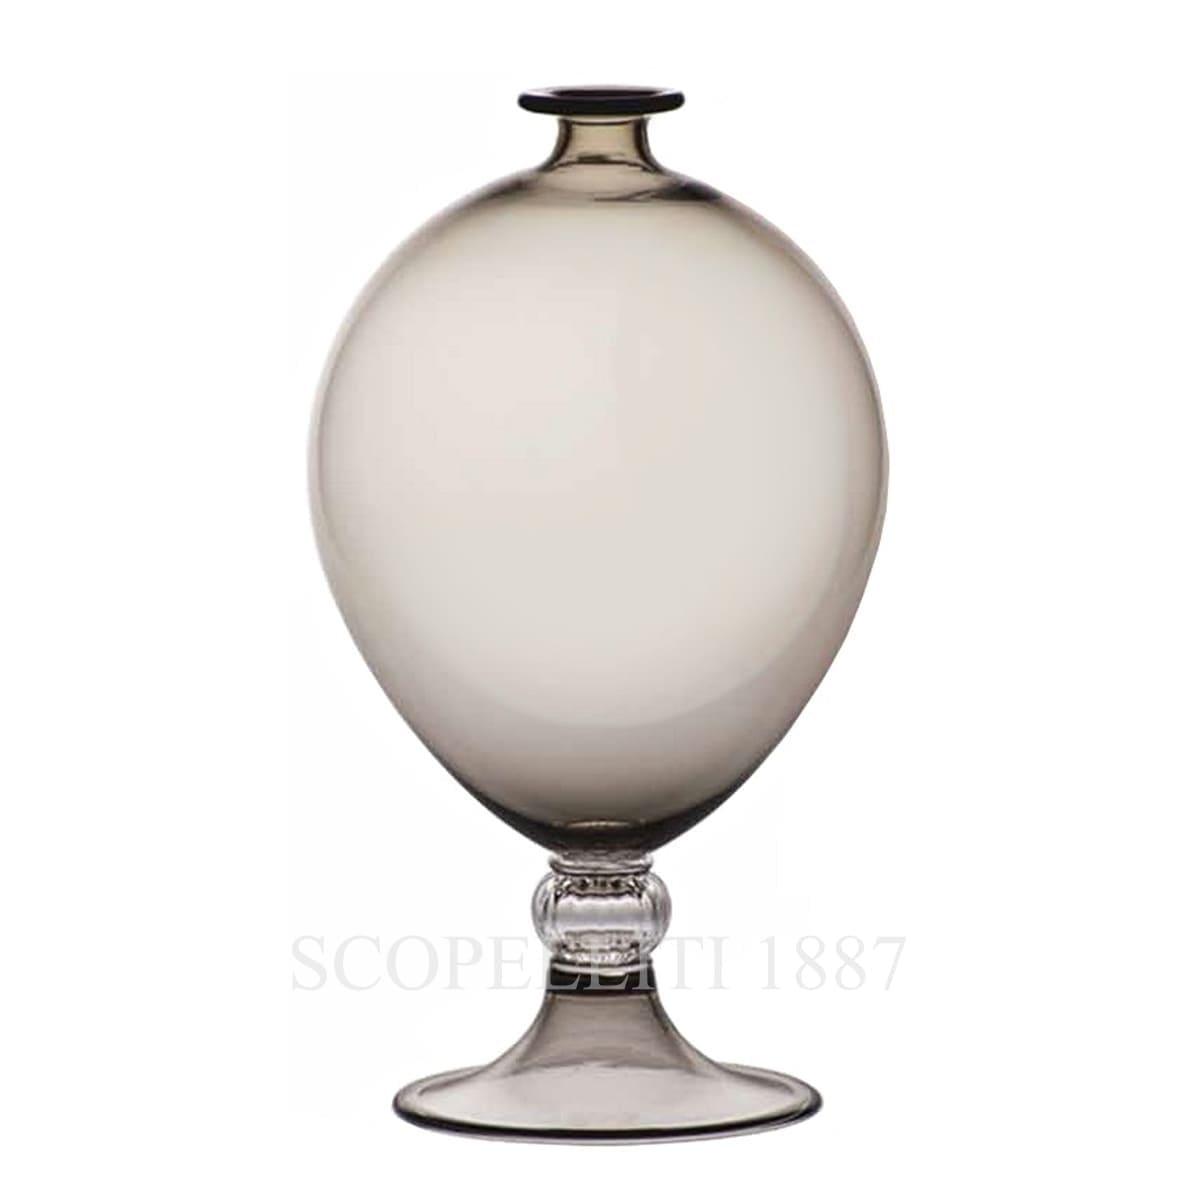 Venini Veronese taupe Vase